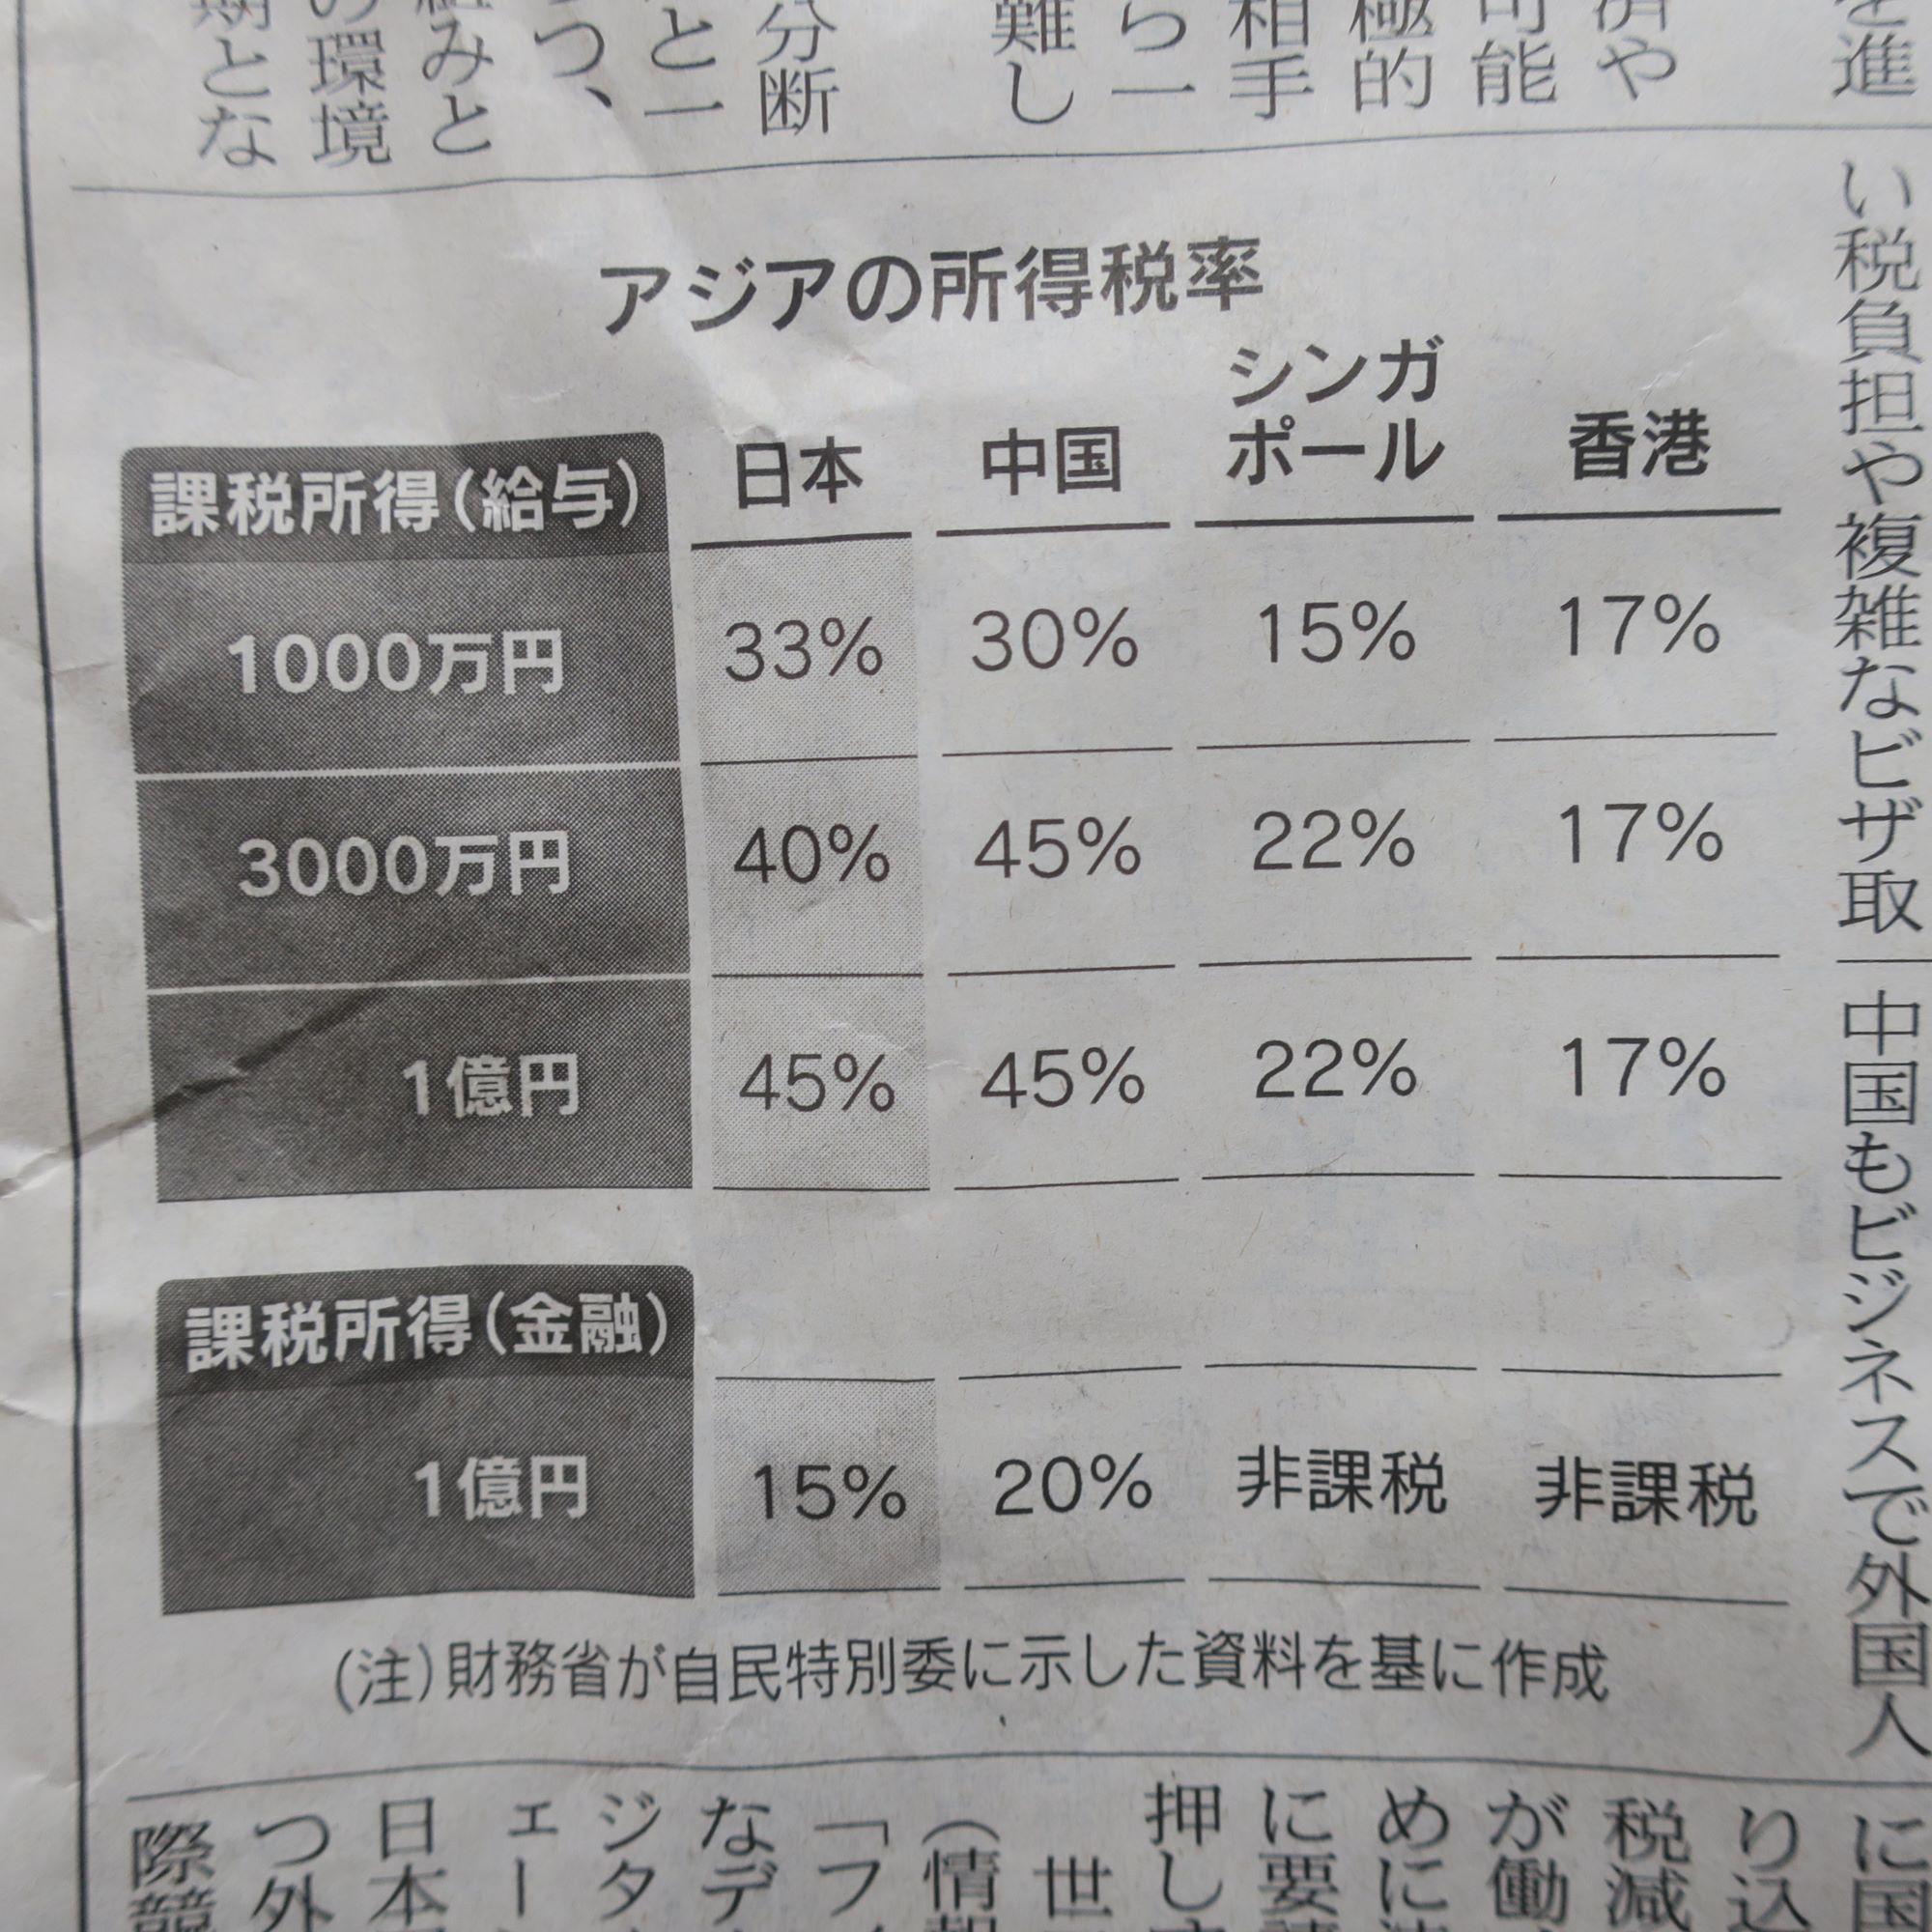 アジアの所得税率